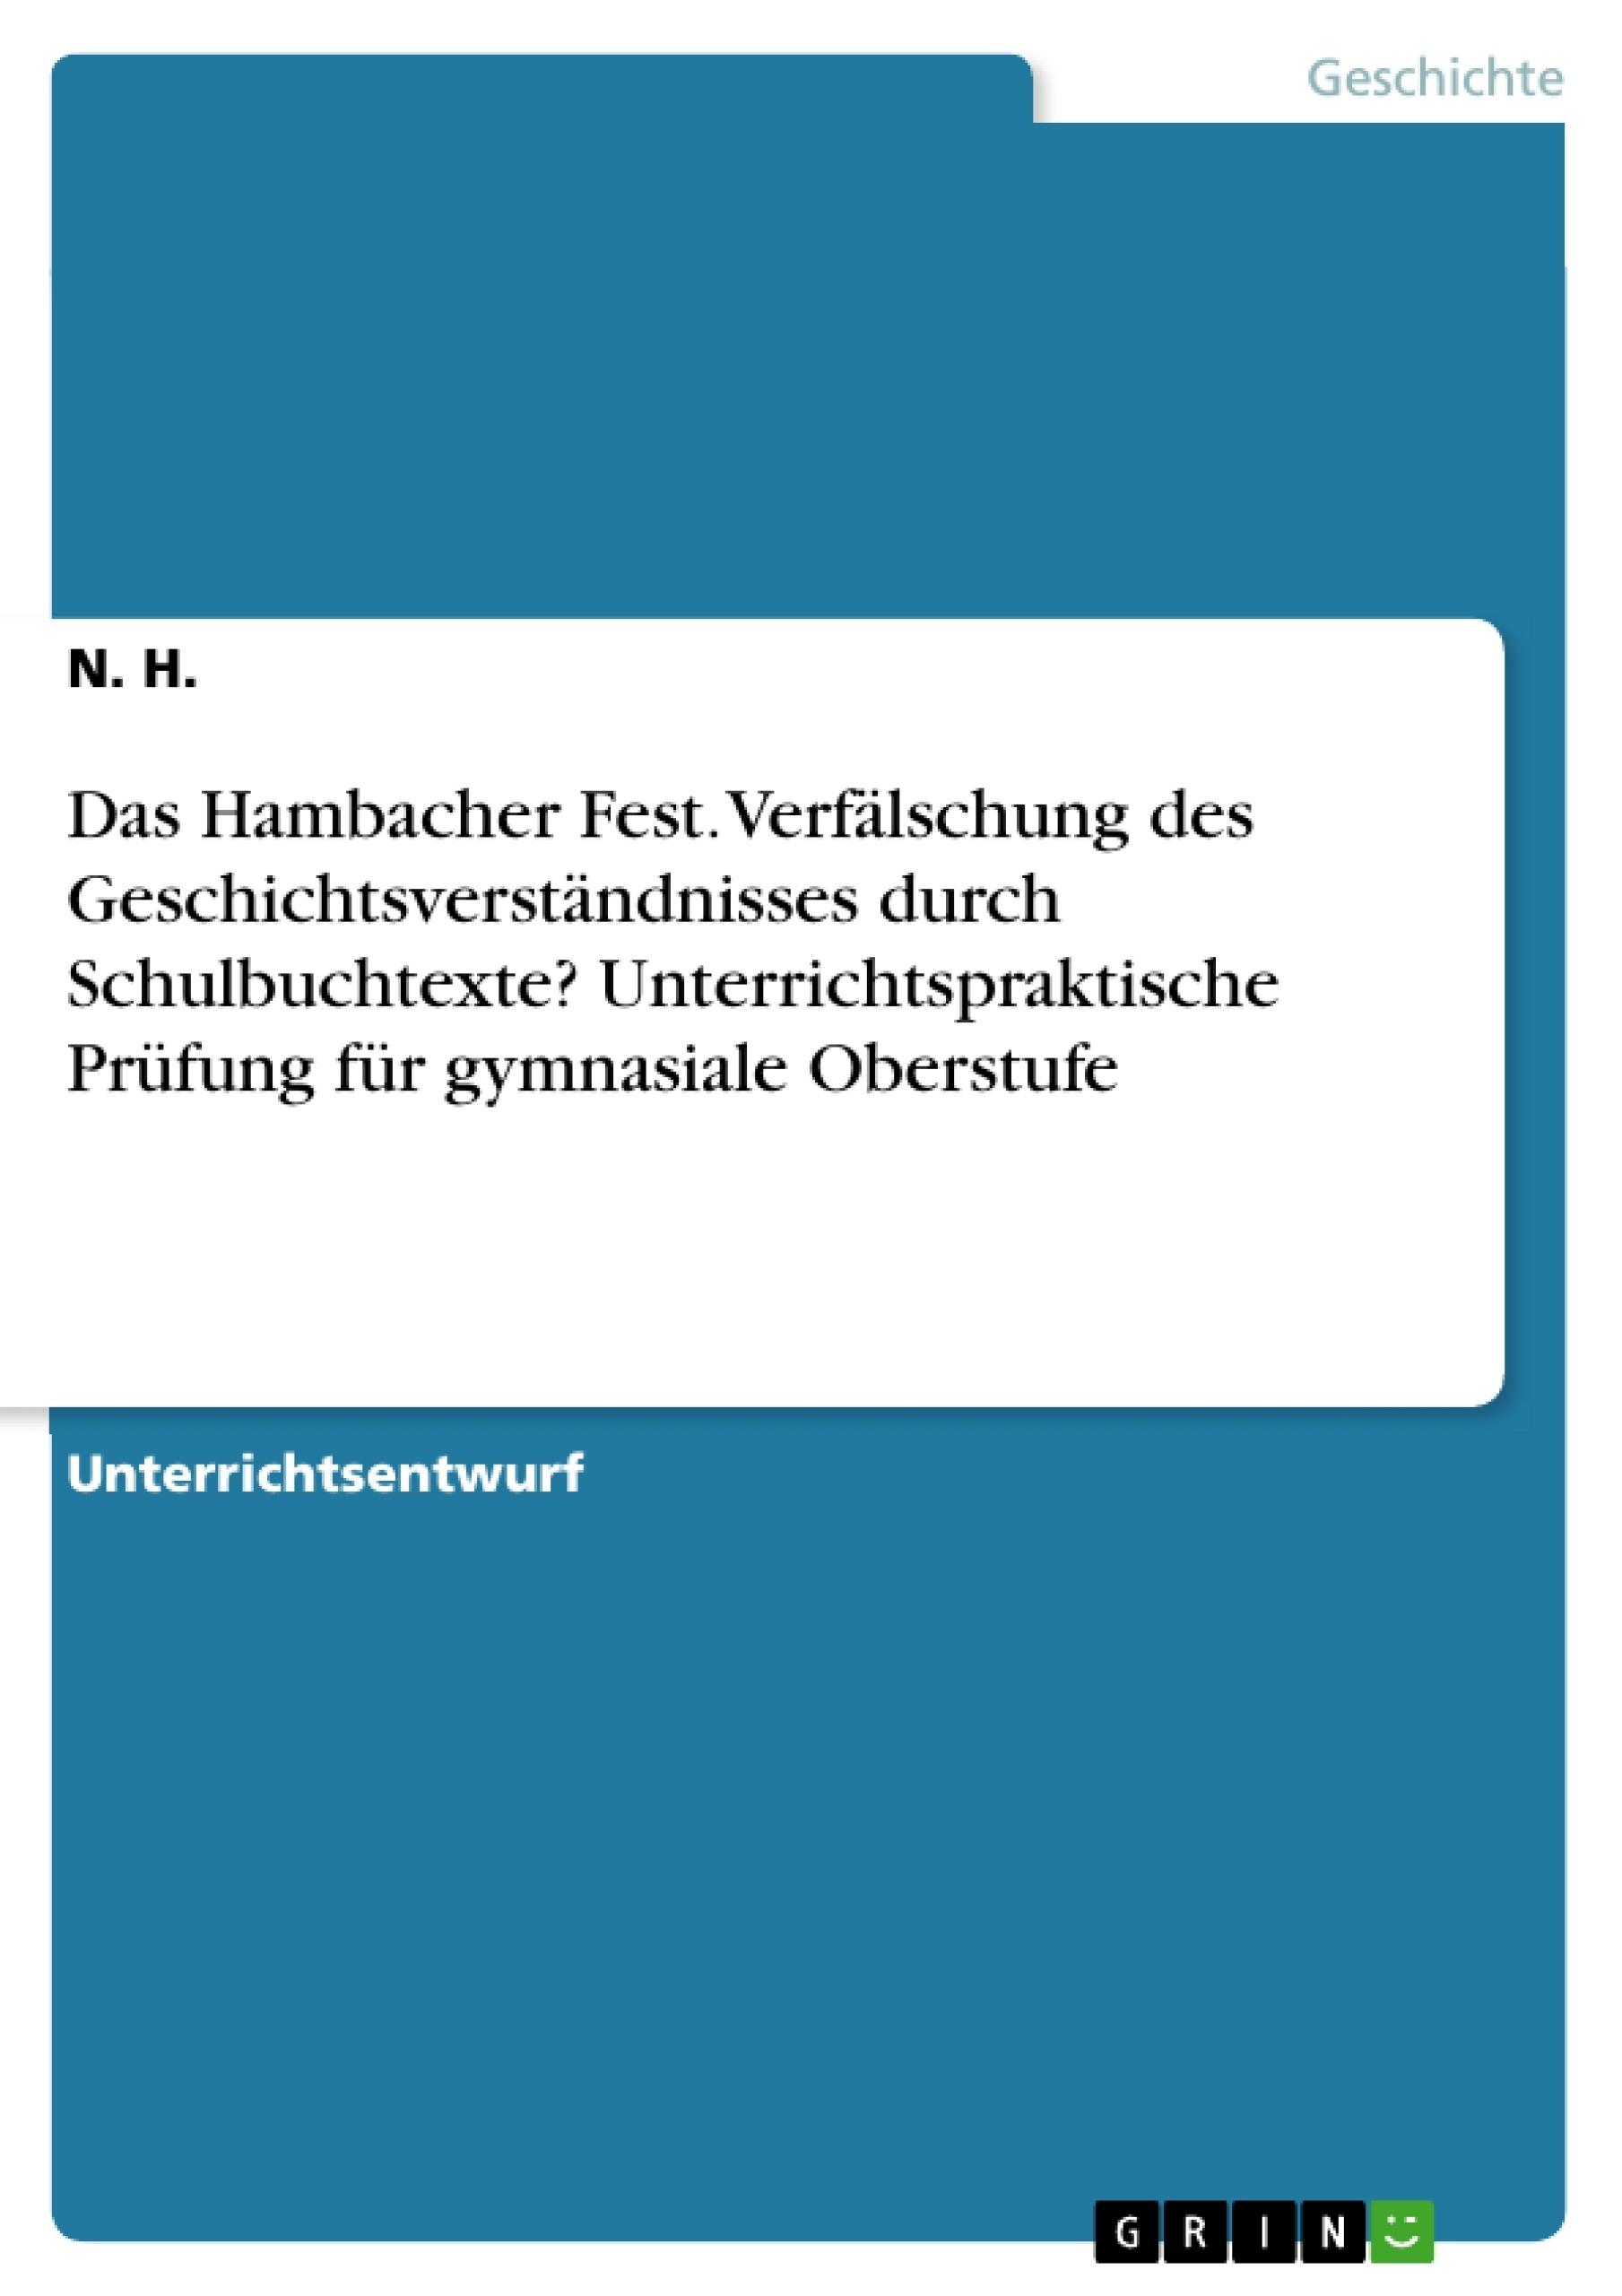 Titel: Das Hambacher Fest. Verfälschung des Geschichtsverständnisses durch Schulbuchtexte? Unterrichtspraktische Prüfung für gymnasiale Oberstufe